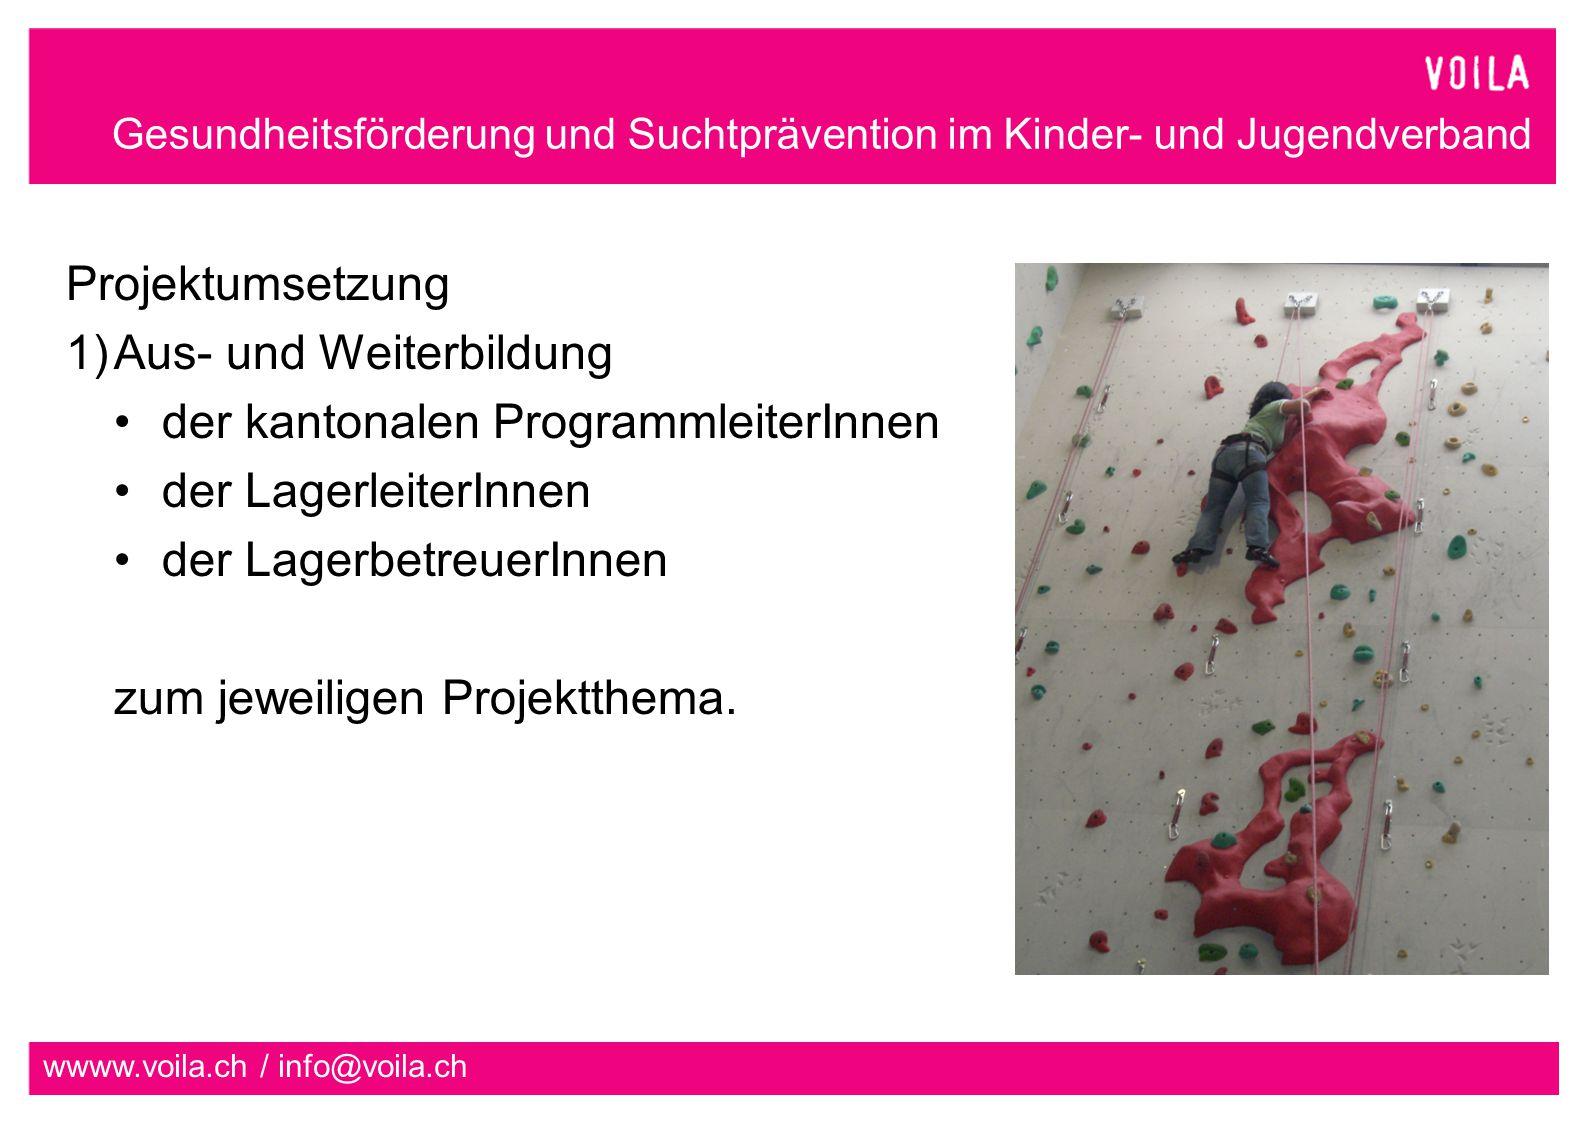 Projektumsetzung Aus- und Weiterbildung. der kantonalen ProgrammleiterInnen. der LagerleiterInnen.